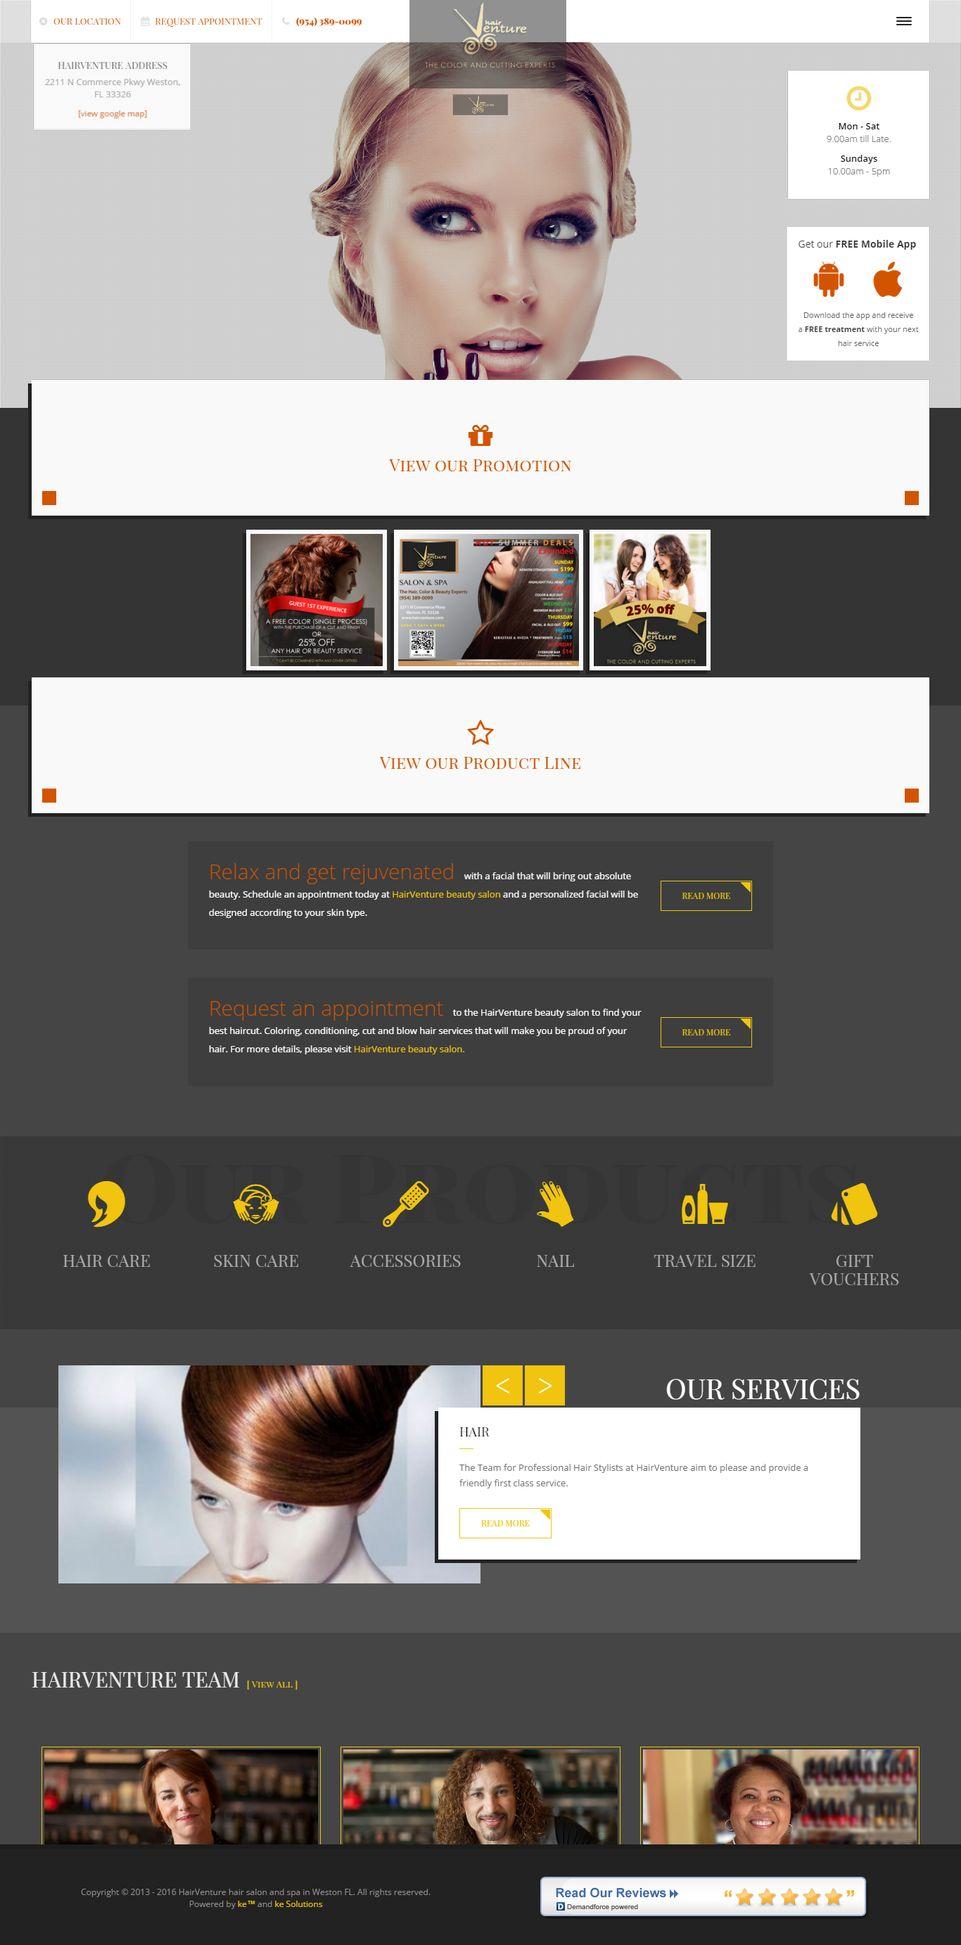 Hair Venture screenshot